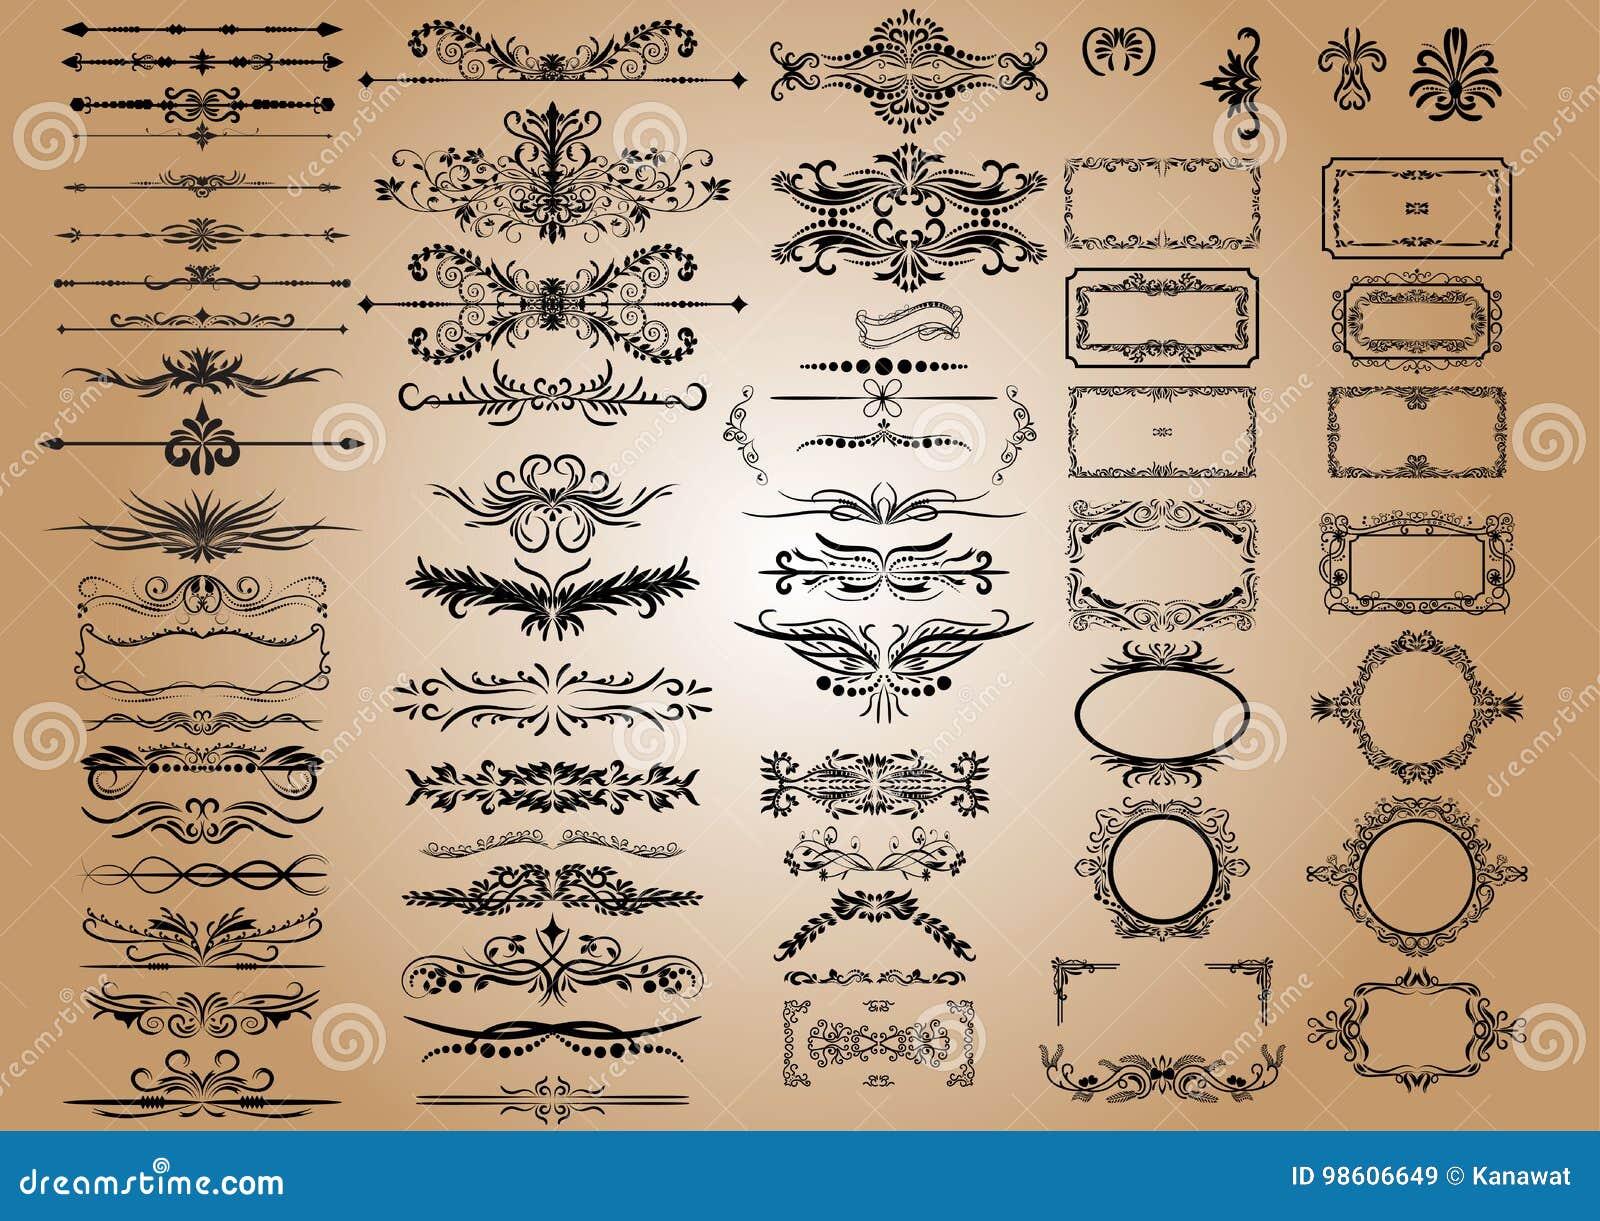 Éléments de décorations de vintage de vecteur Ornements et cadres calligraphiques de Flourishes rétro collection de conception de